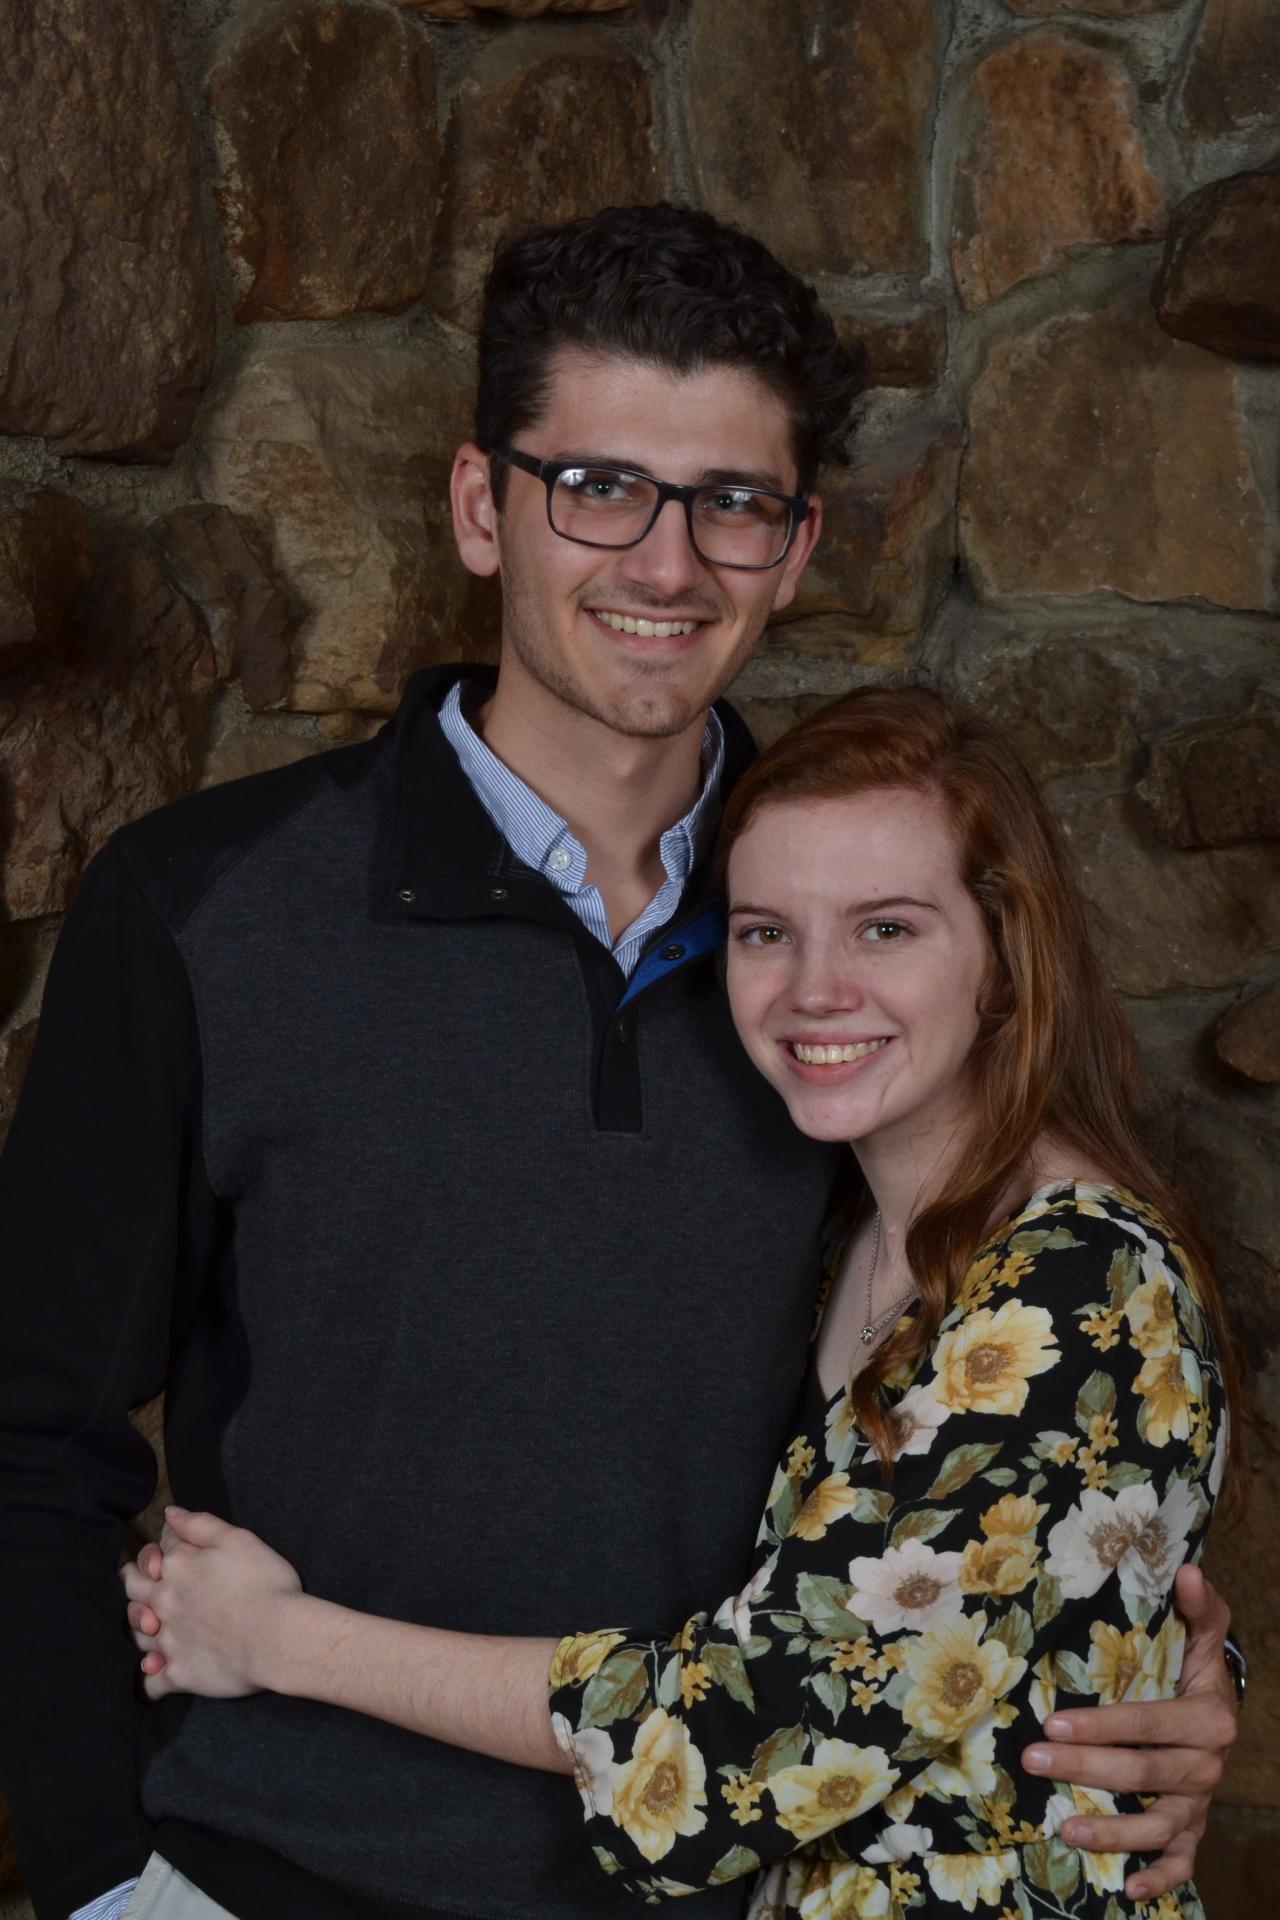 JR and Isabella